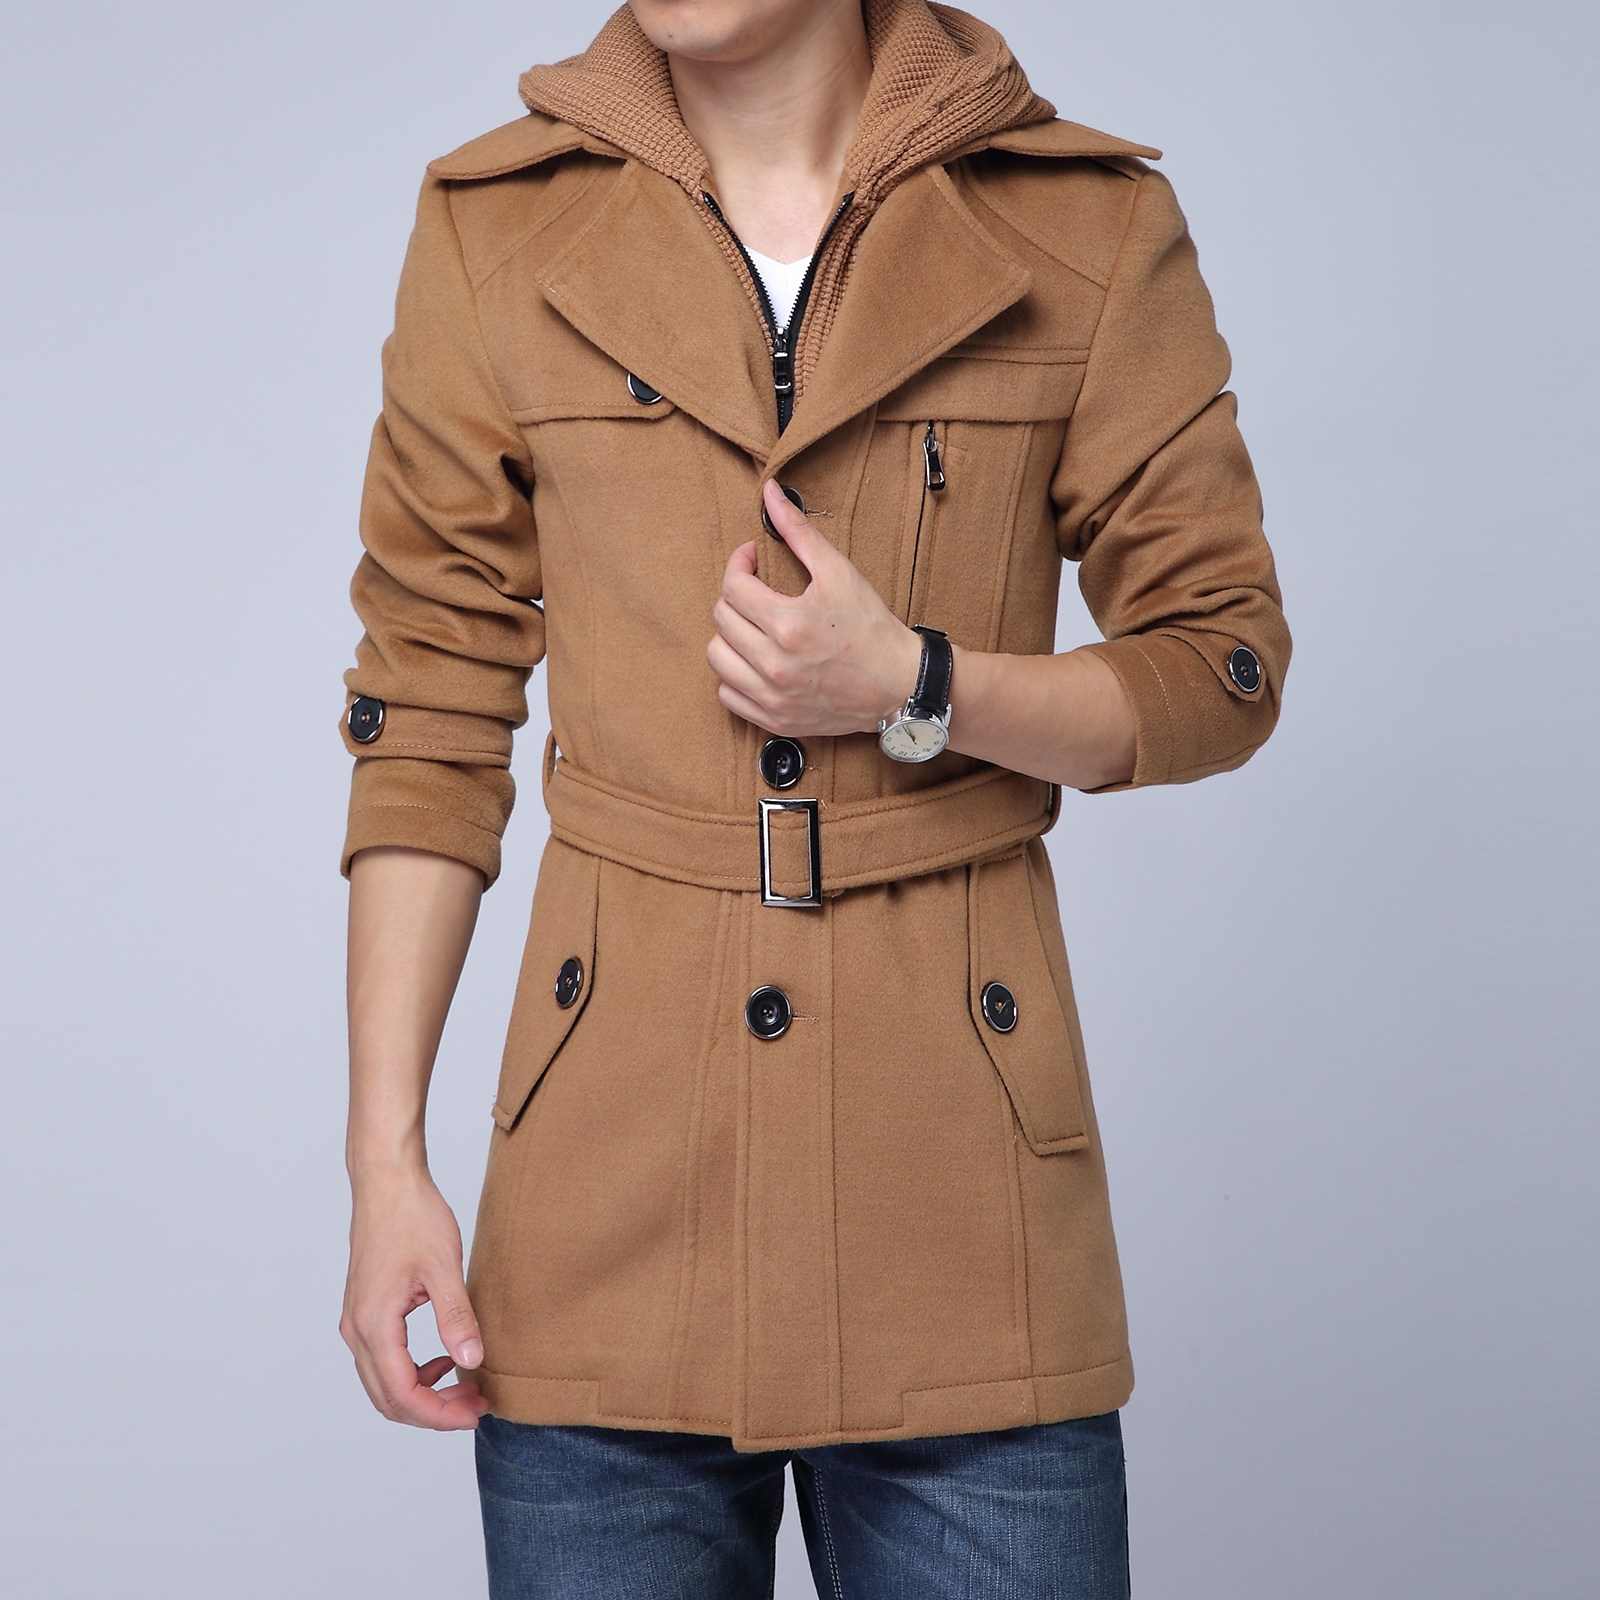 正品森马秋冬新款男装呢大衣男中长款假两件羊毛大衣修身毛呢外套